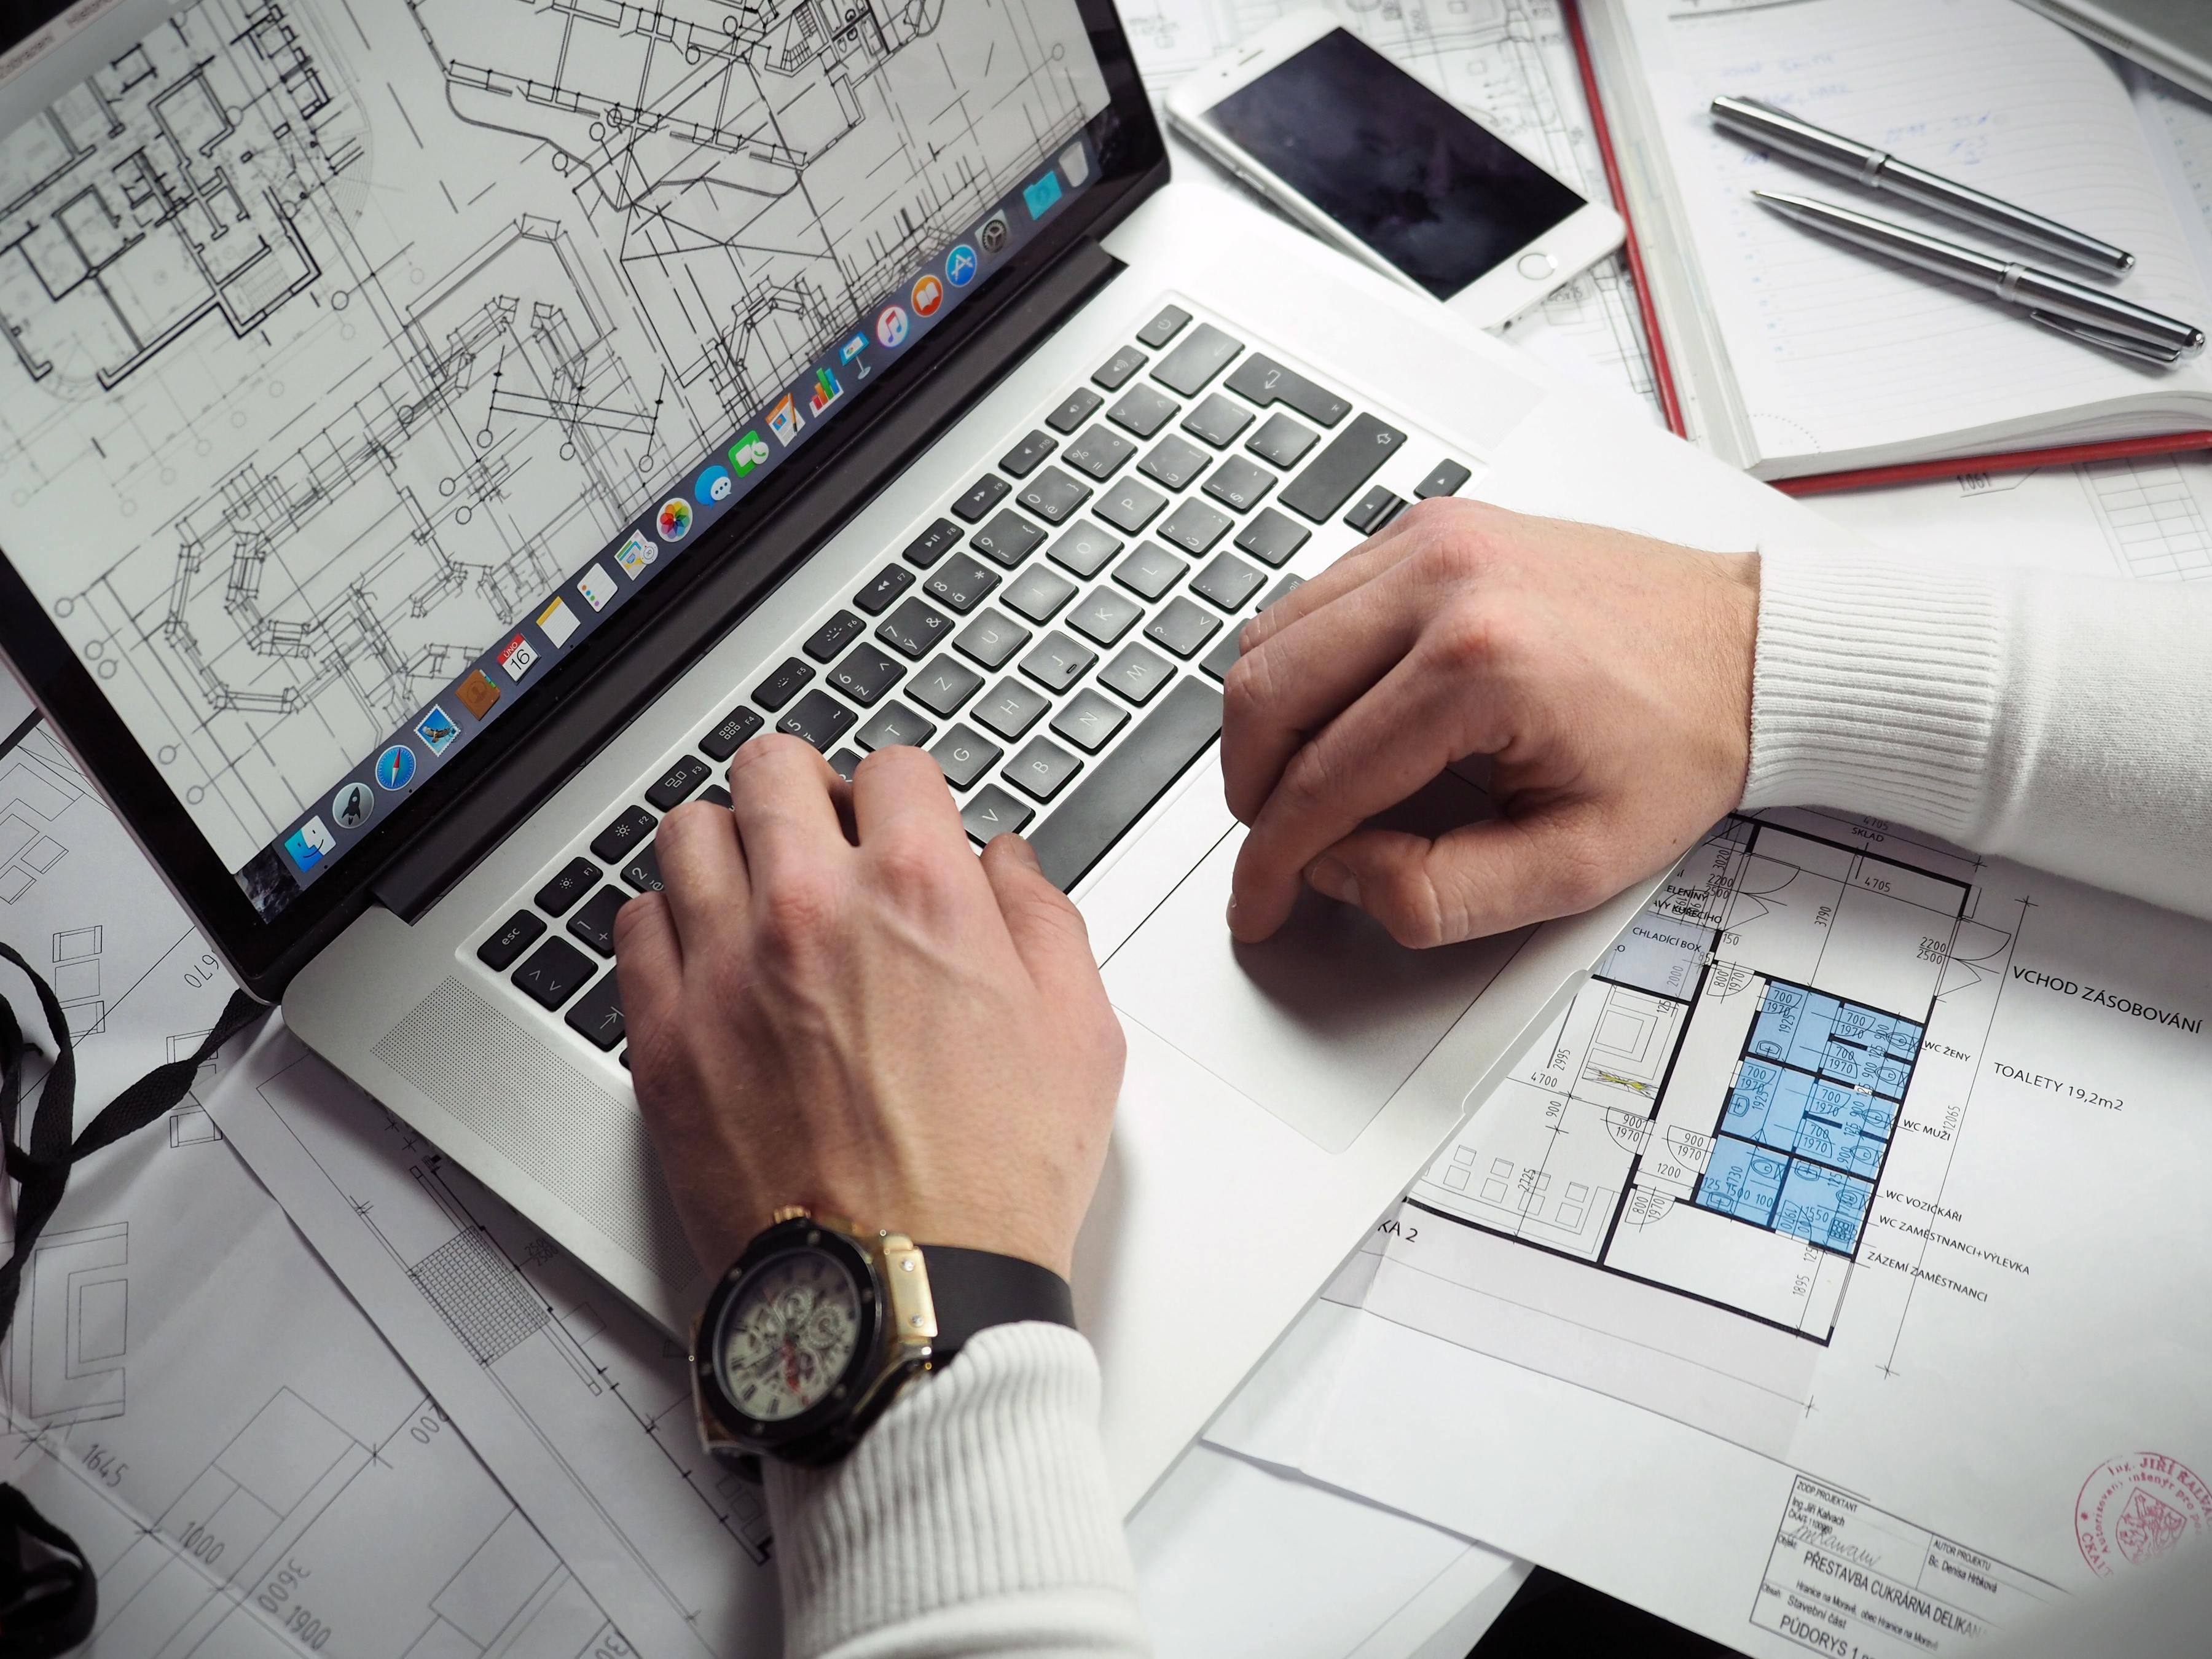 数千社・数万ユーザが利用する建築現場のプラットフォームサービス「ANDPAD」のサーバサイド開発